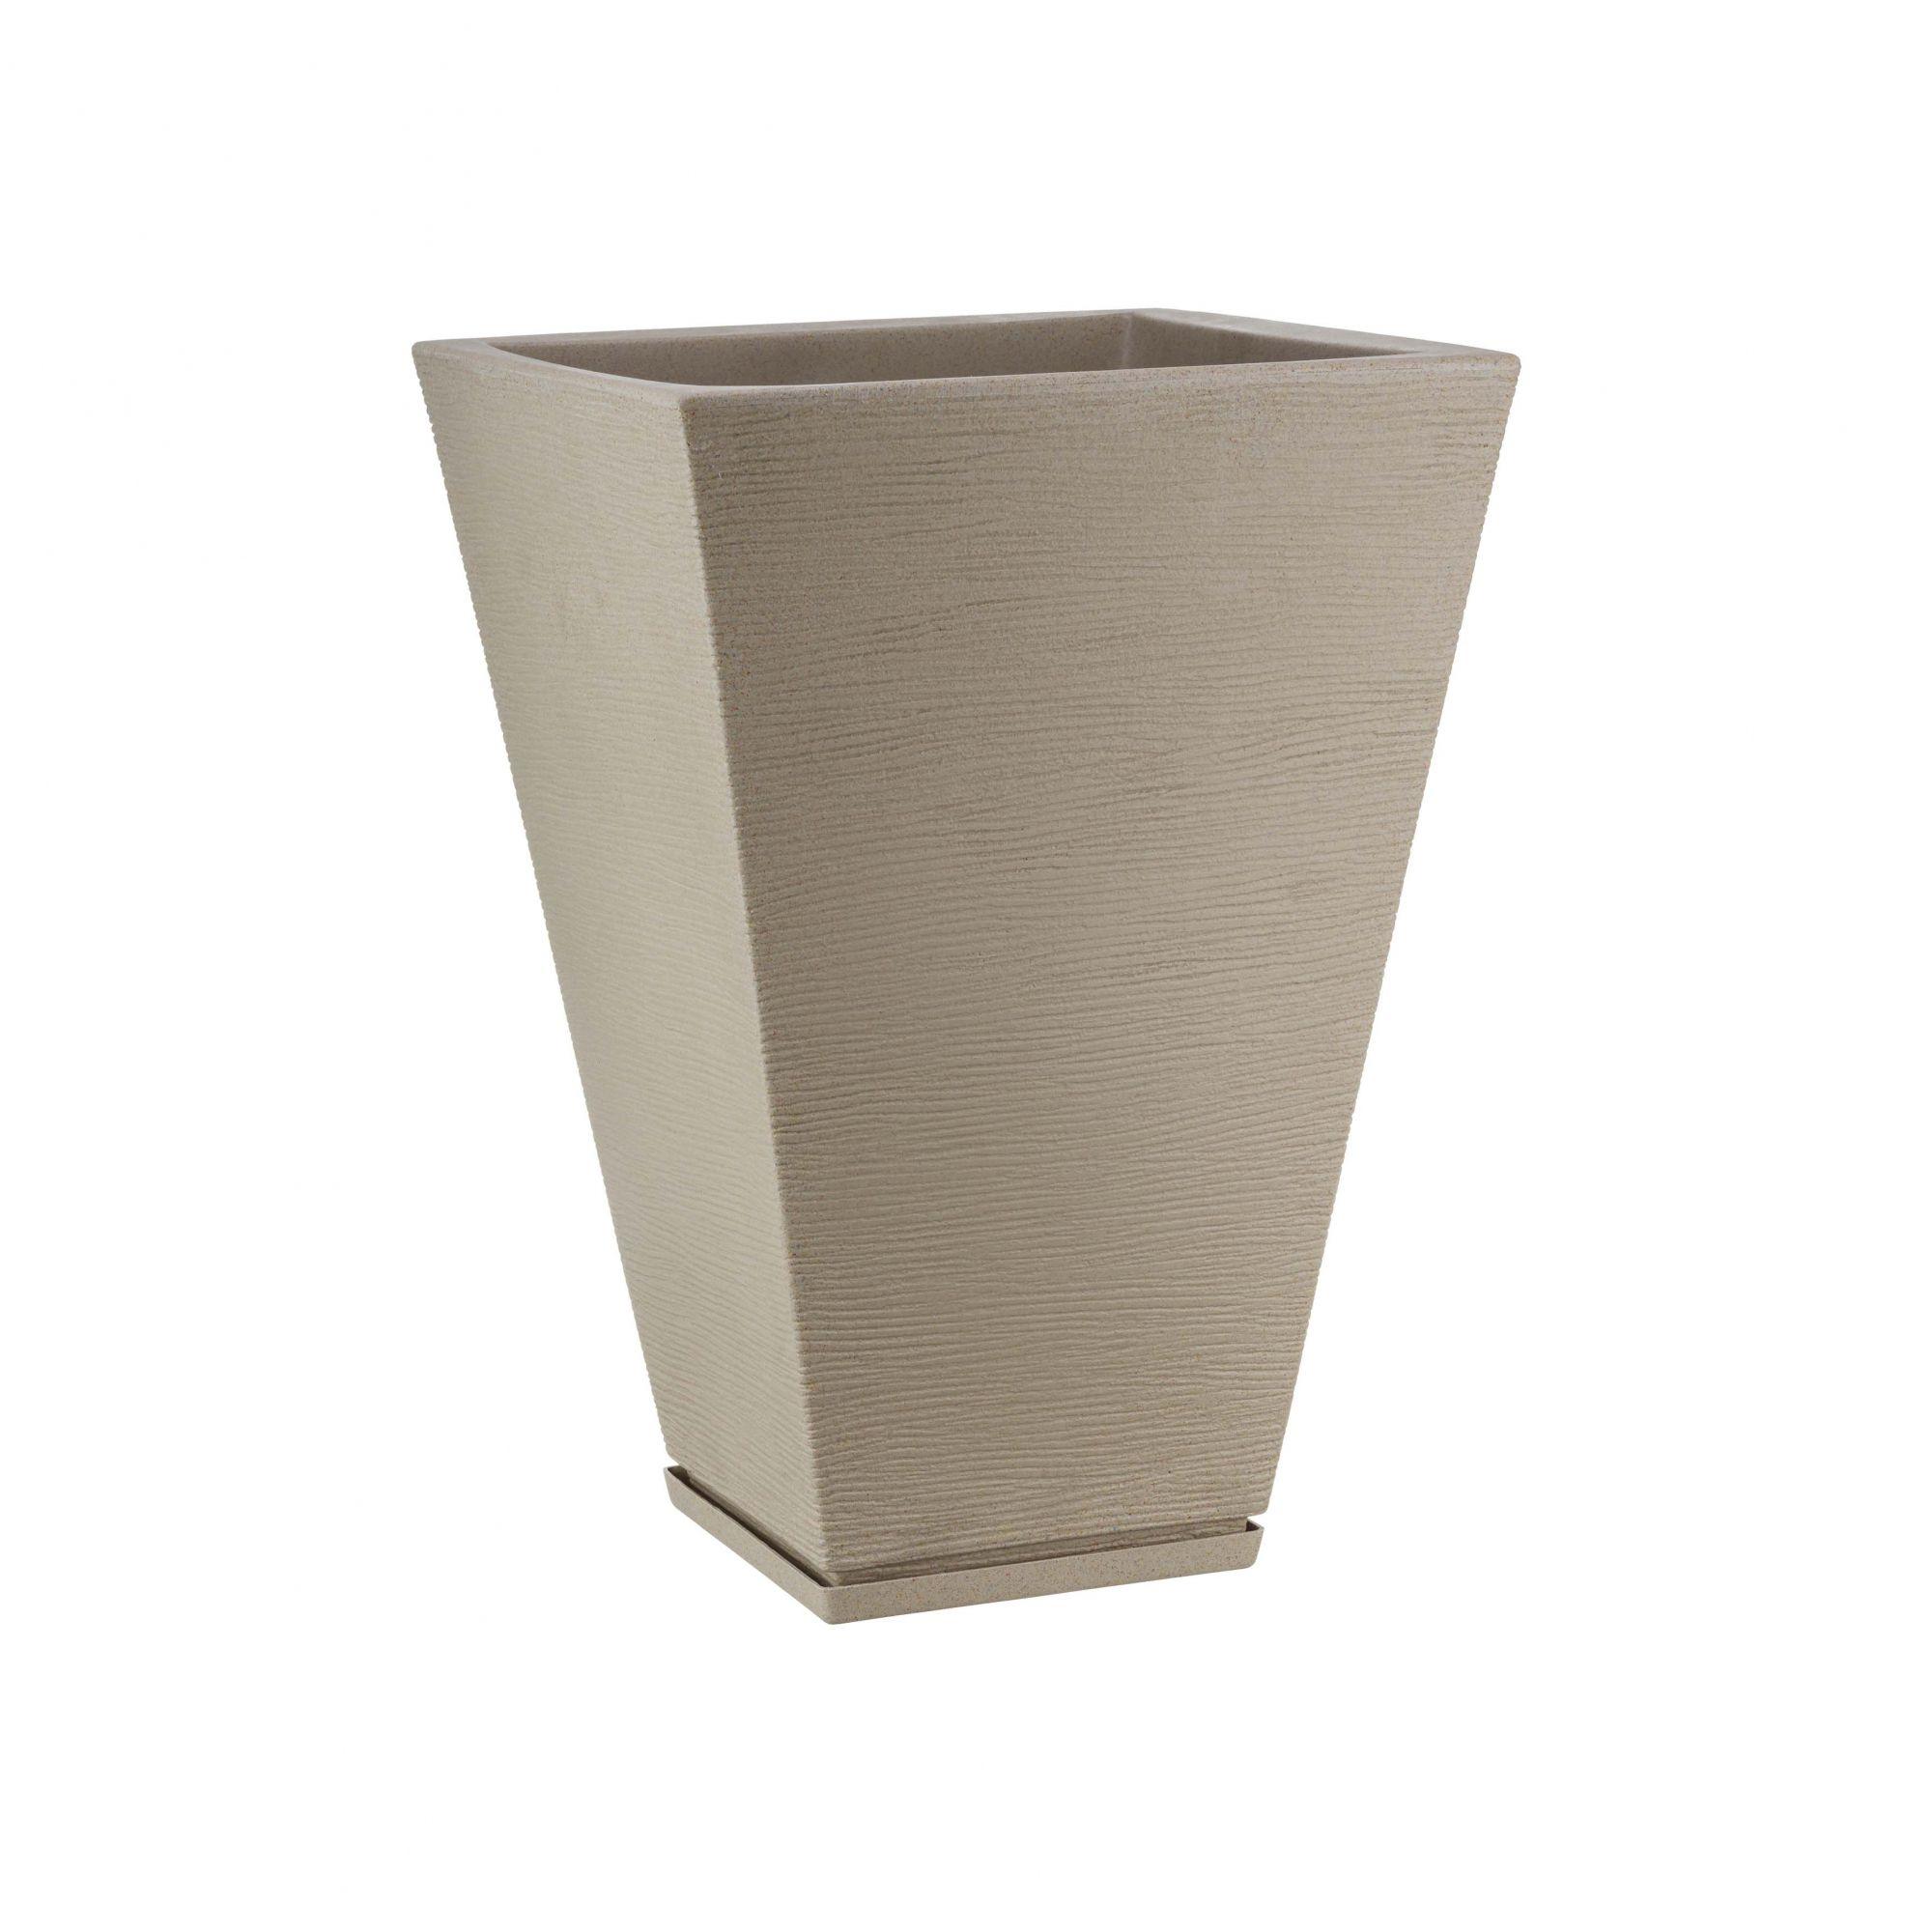 Vaso Zurique Grafiato Bege Stone - 32cm x 55cm